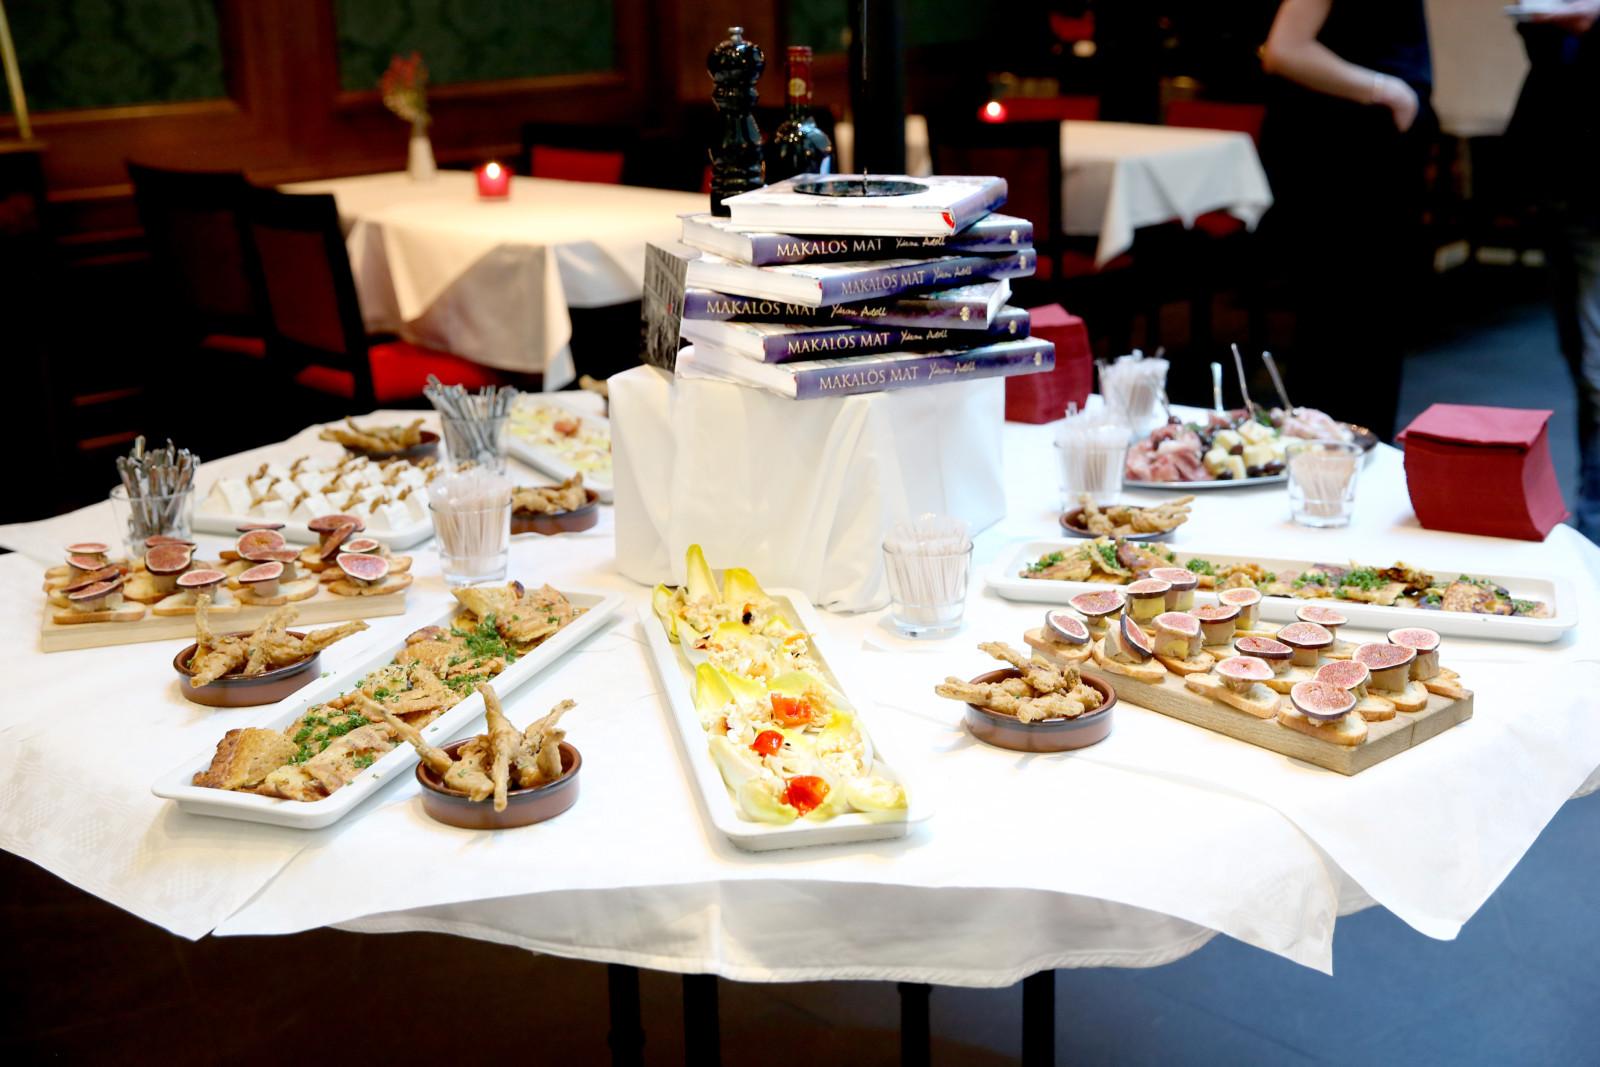 Brasserie Makalös Petre Event Makalös Mat